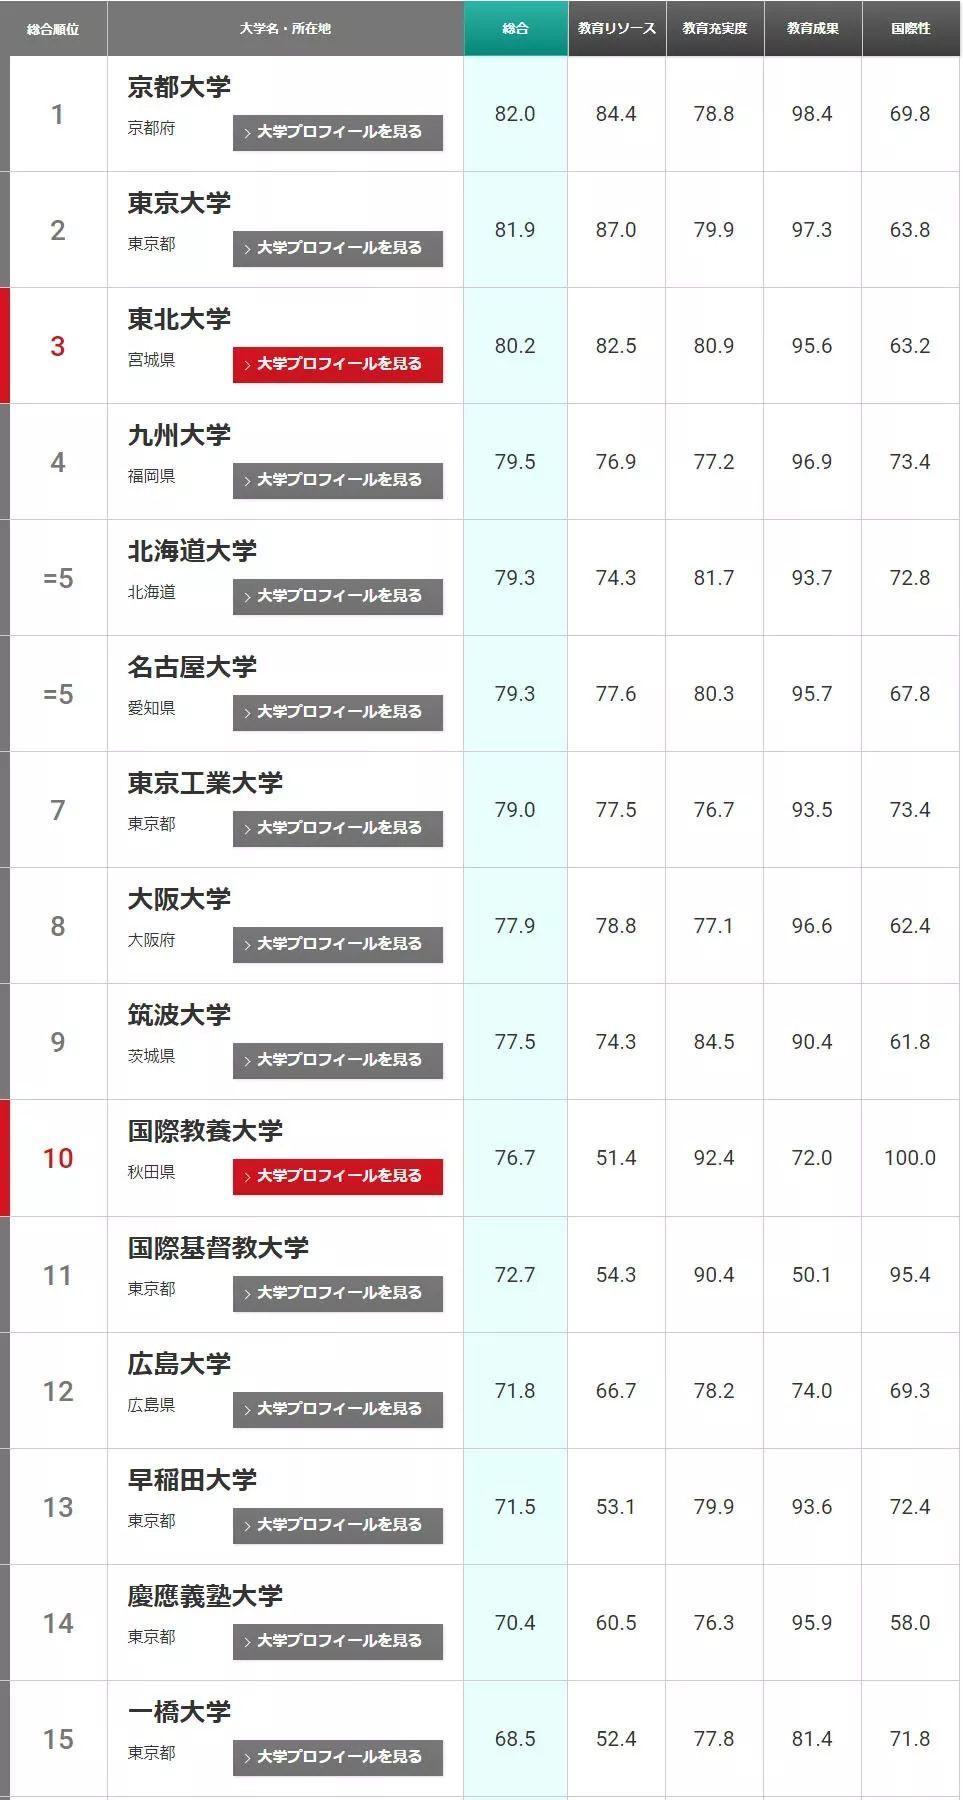 2019年日本大学排行_2019年日本大学排名